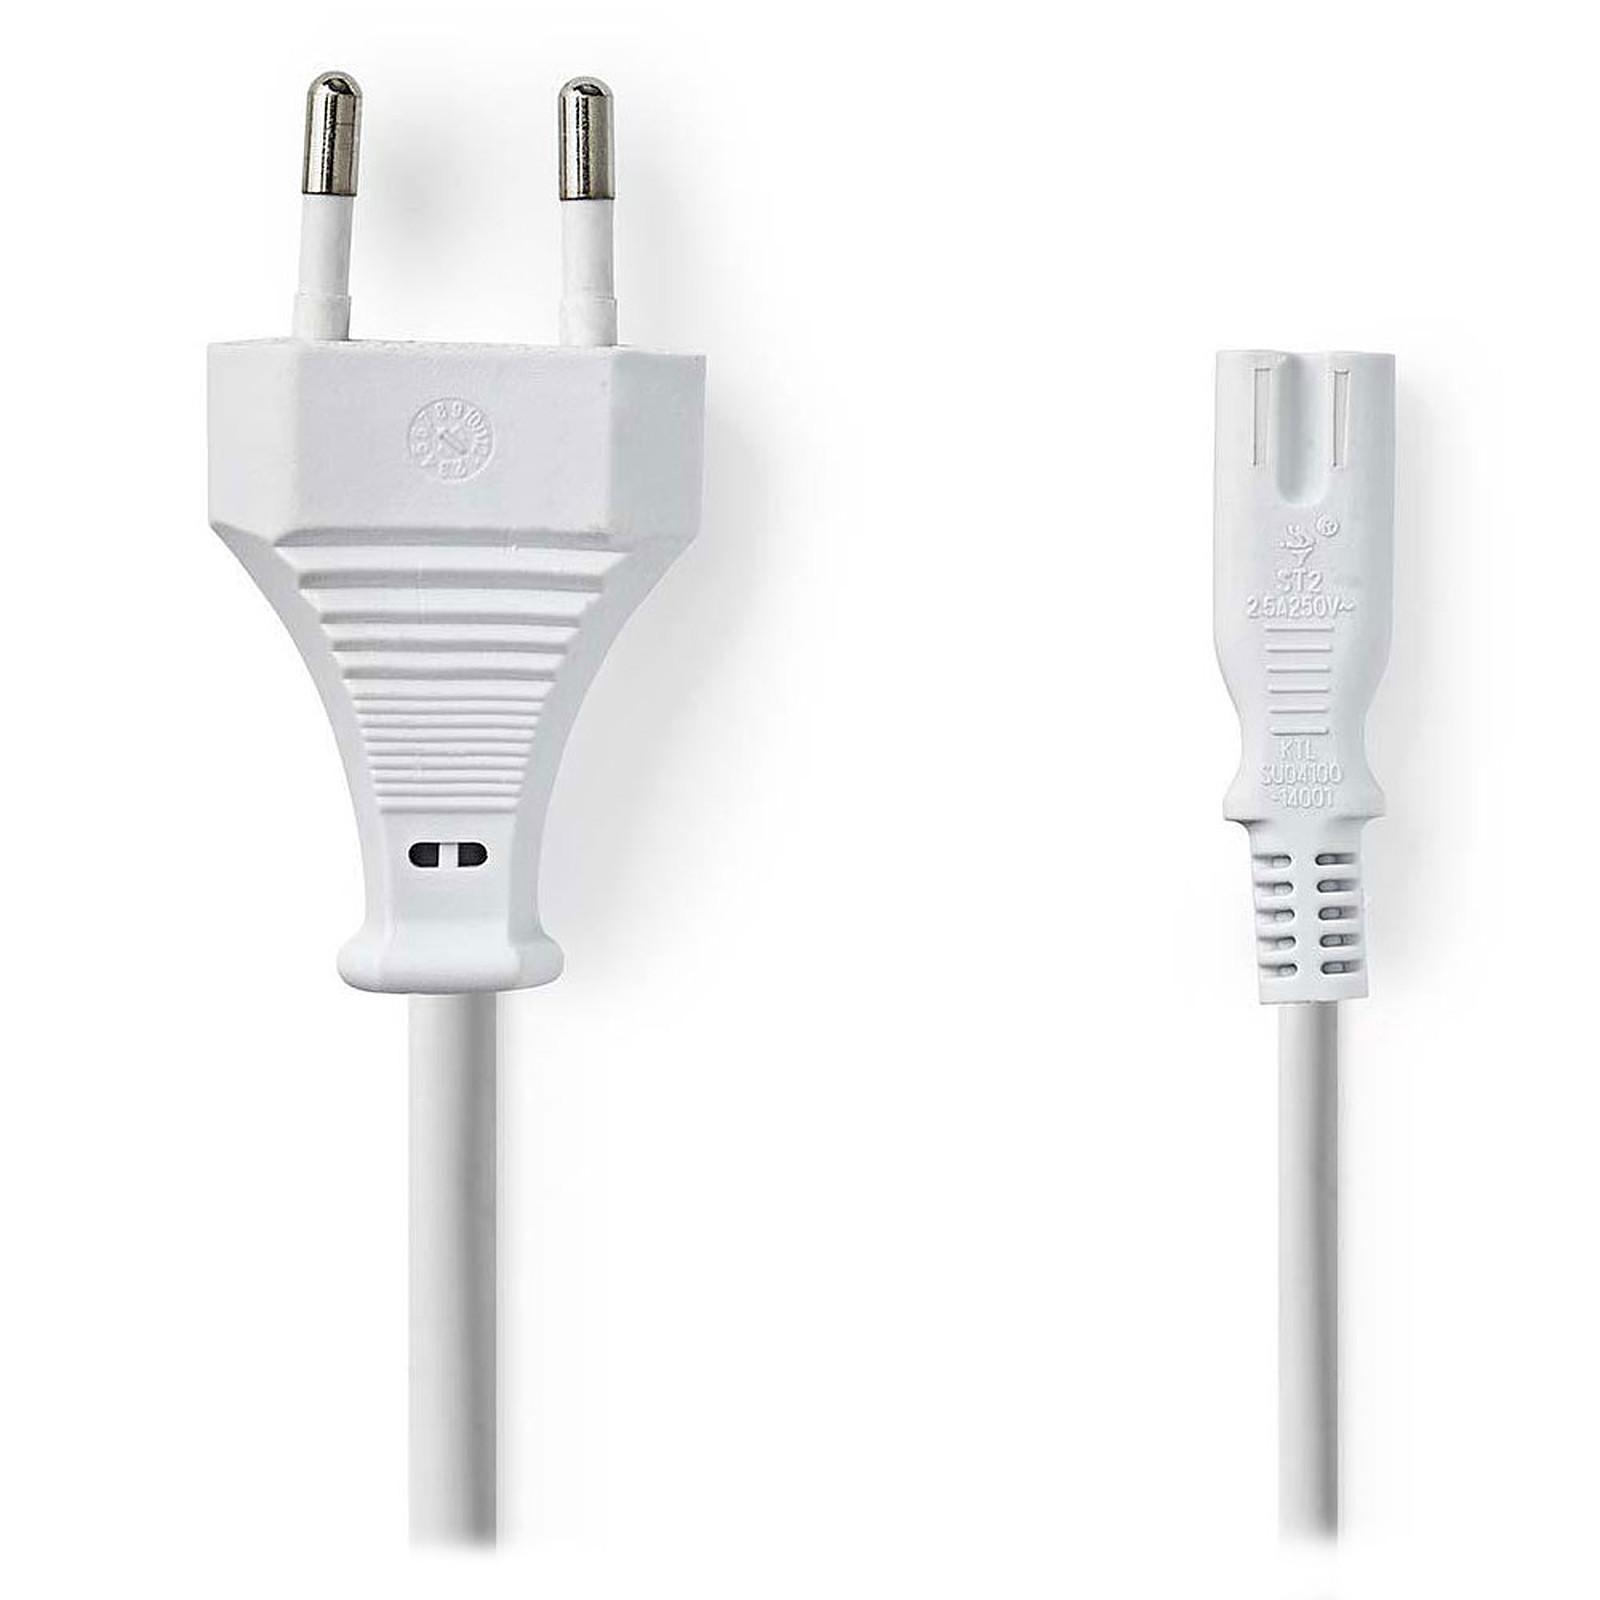 Nedis Câble d'alimentation bipolaire C7 blanc - 3 mètres